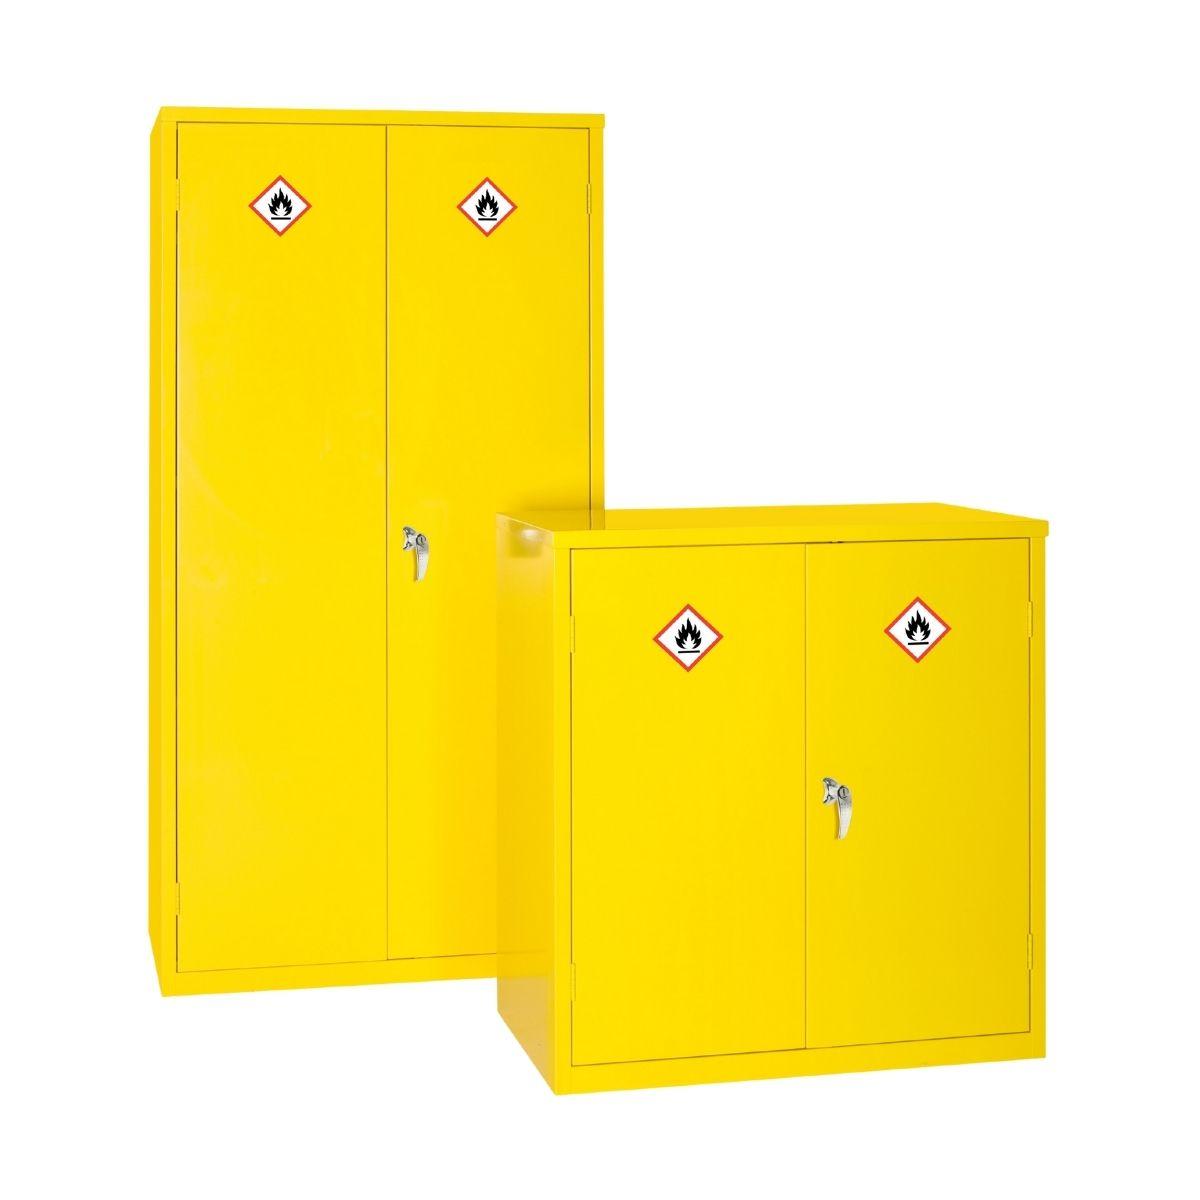 JP0044 Dangerous Substance Cabinets 1525 x 915 x 457